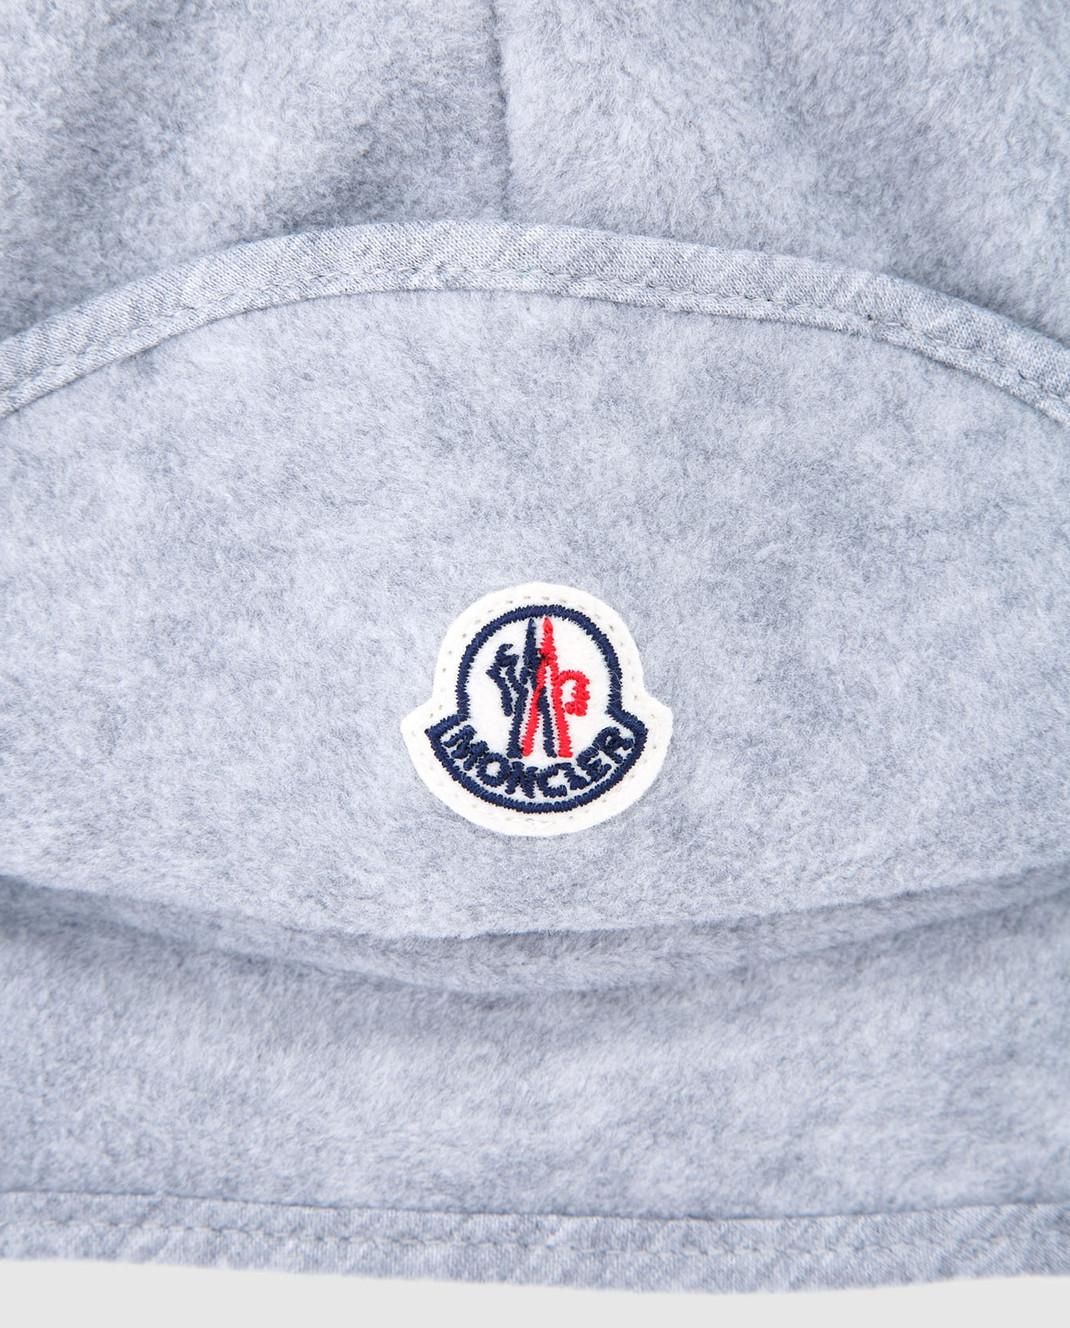 Moncler ENFANT Детская серая шапка 00623 изображение 3